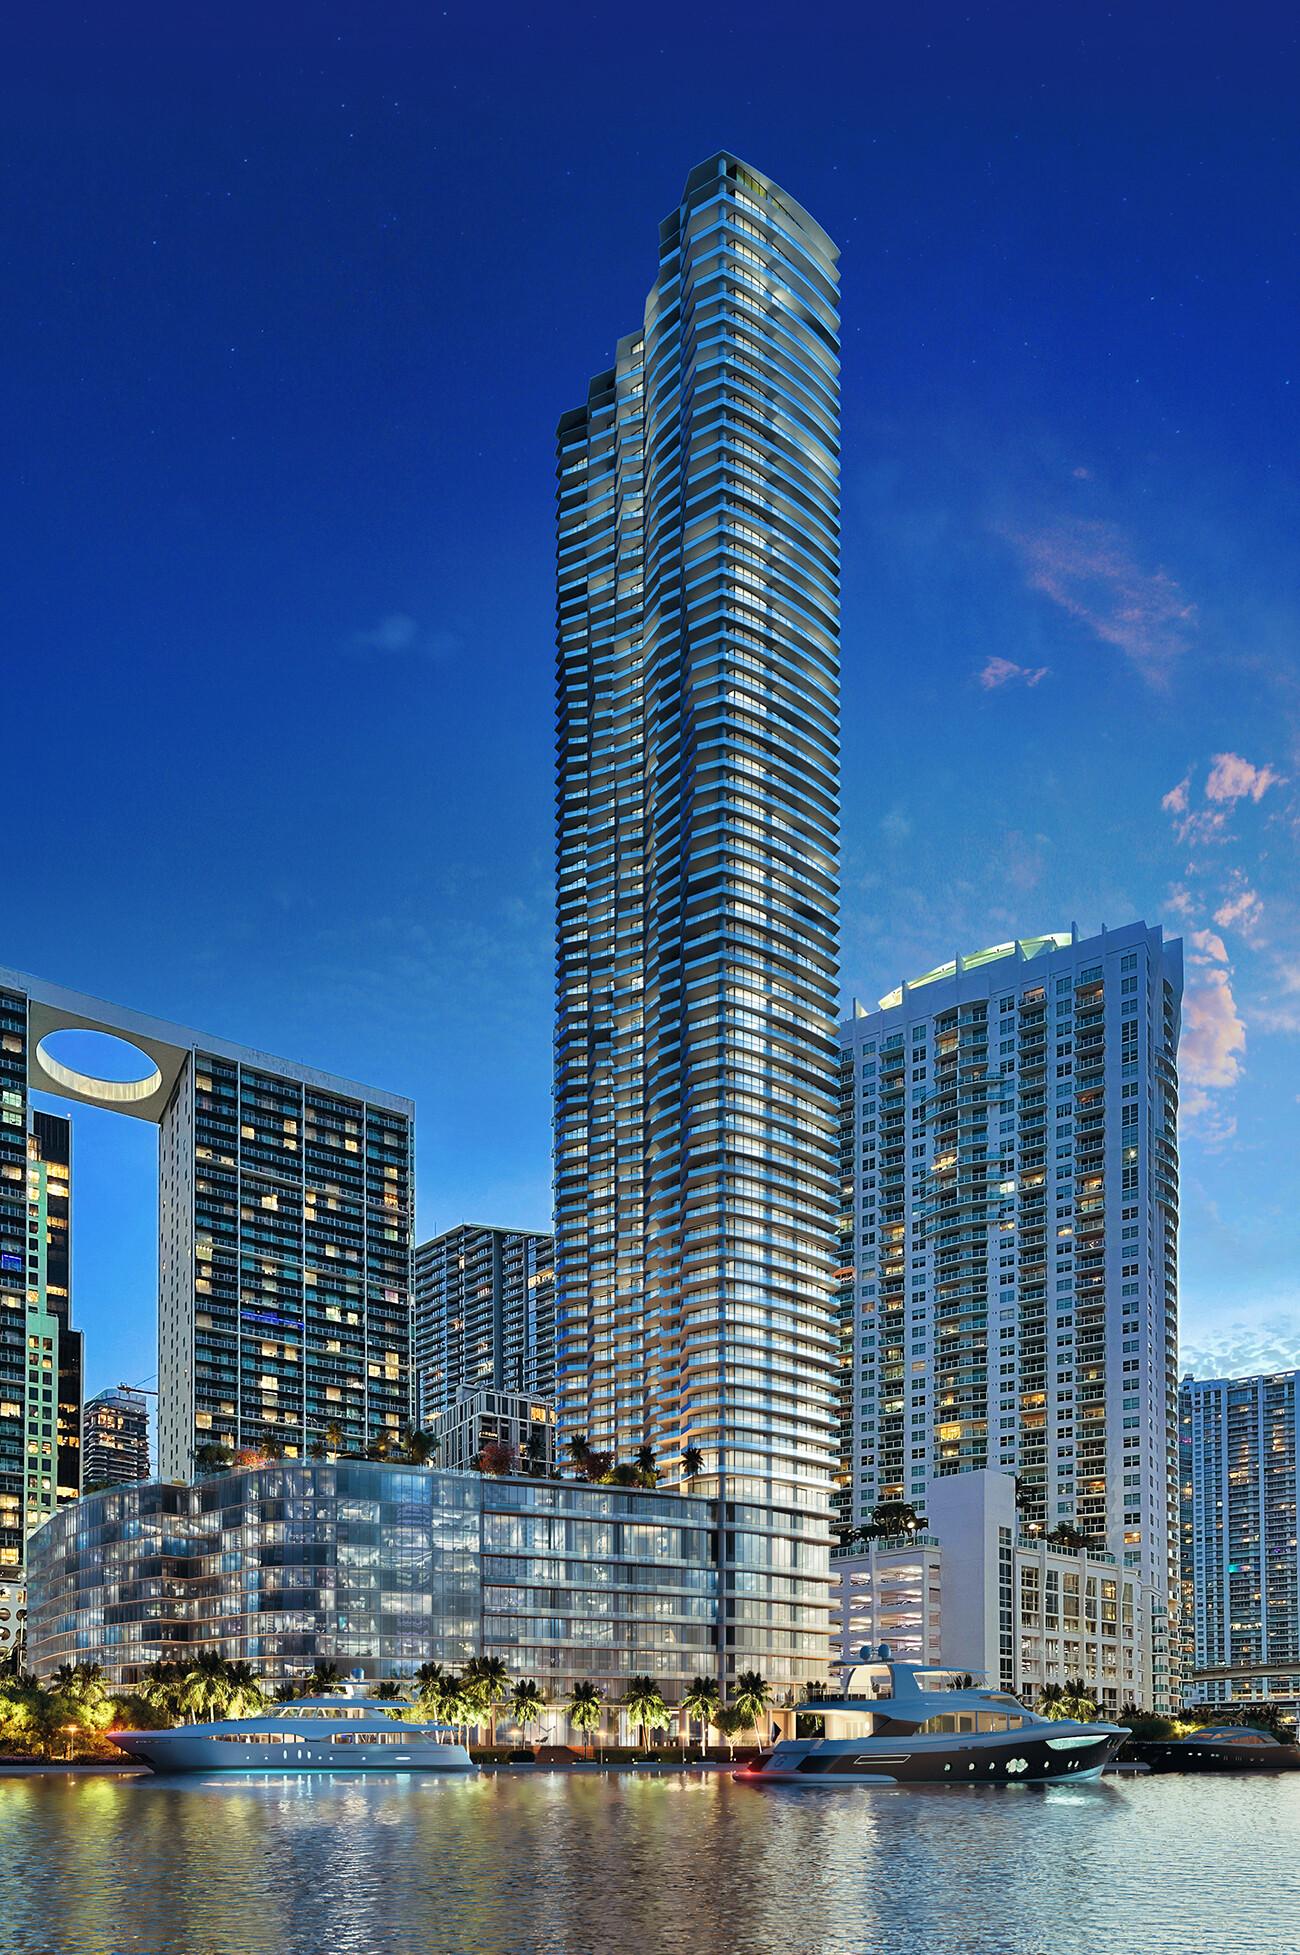 baccarat-residences-brickell-nuevo-complejo-residencial-4-alt